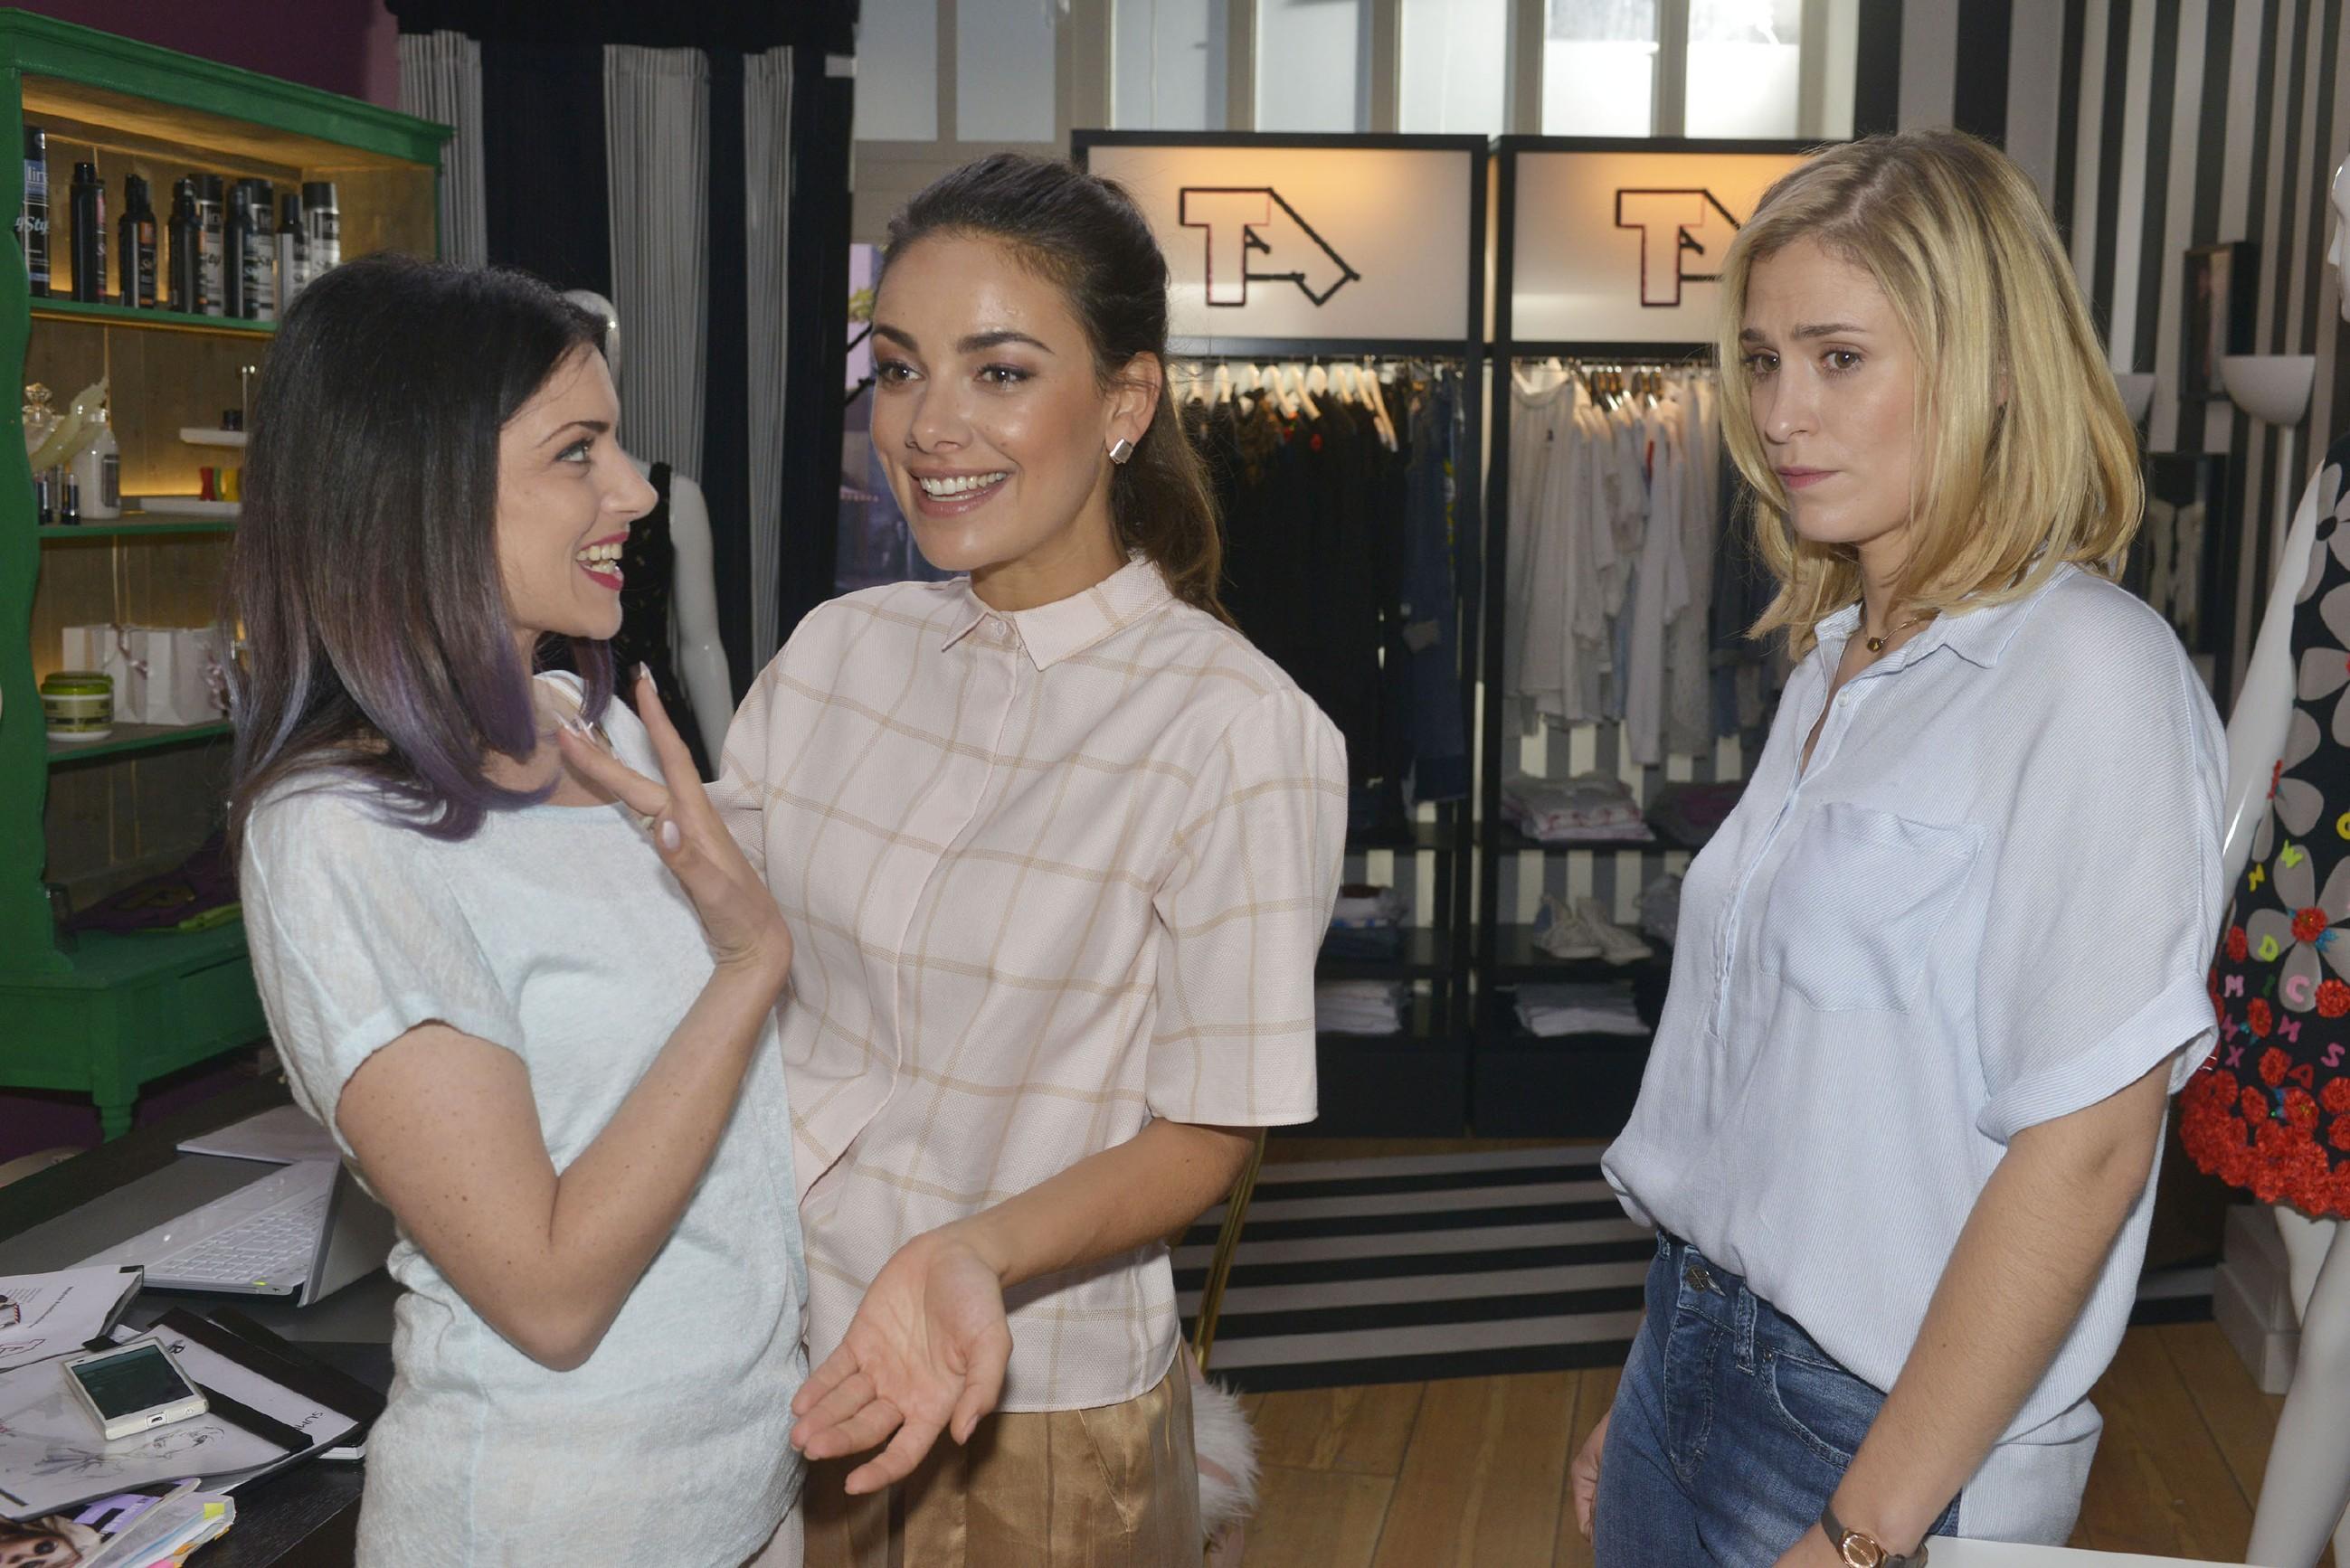 Angesichts Emilys (Anne Menden, l.) und Jasmins (Janina Uhse, M.) Begeisterung wird Sophie (Lea Marlen Woitack) vor Augen geführt, dass sie Tussi Attack nicht im Stich lassen kann. (Quelle:RTL / Rolf Baumgartner)